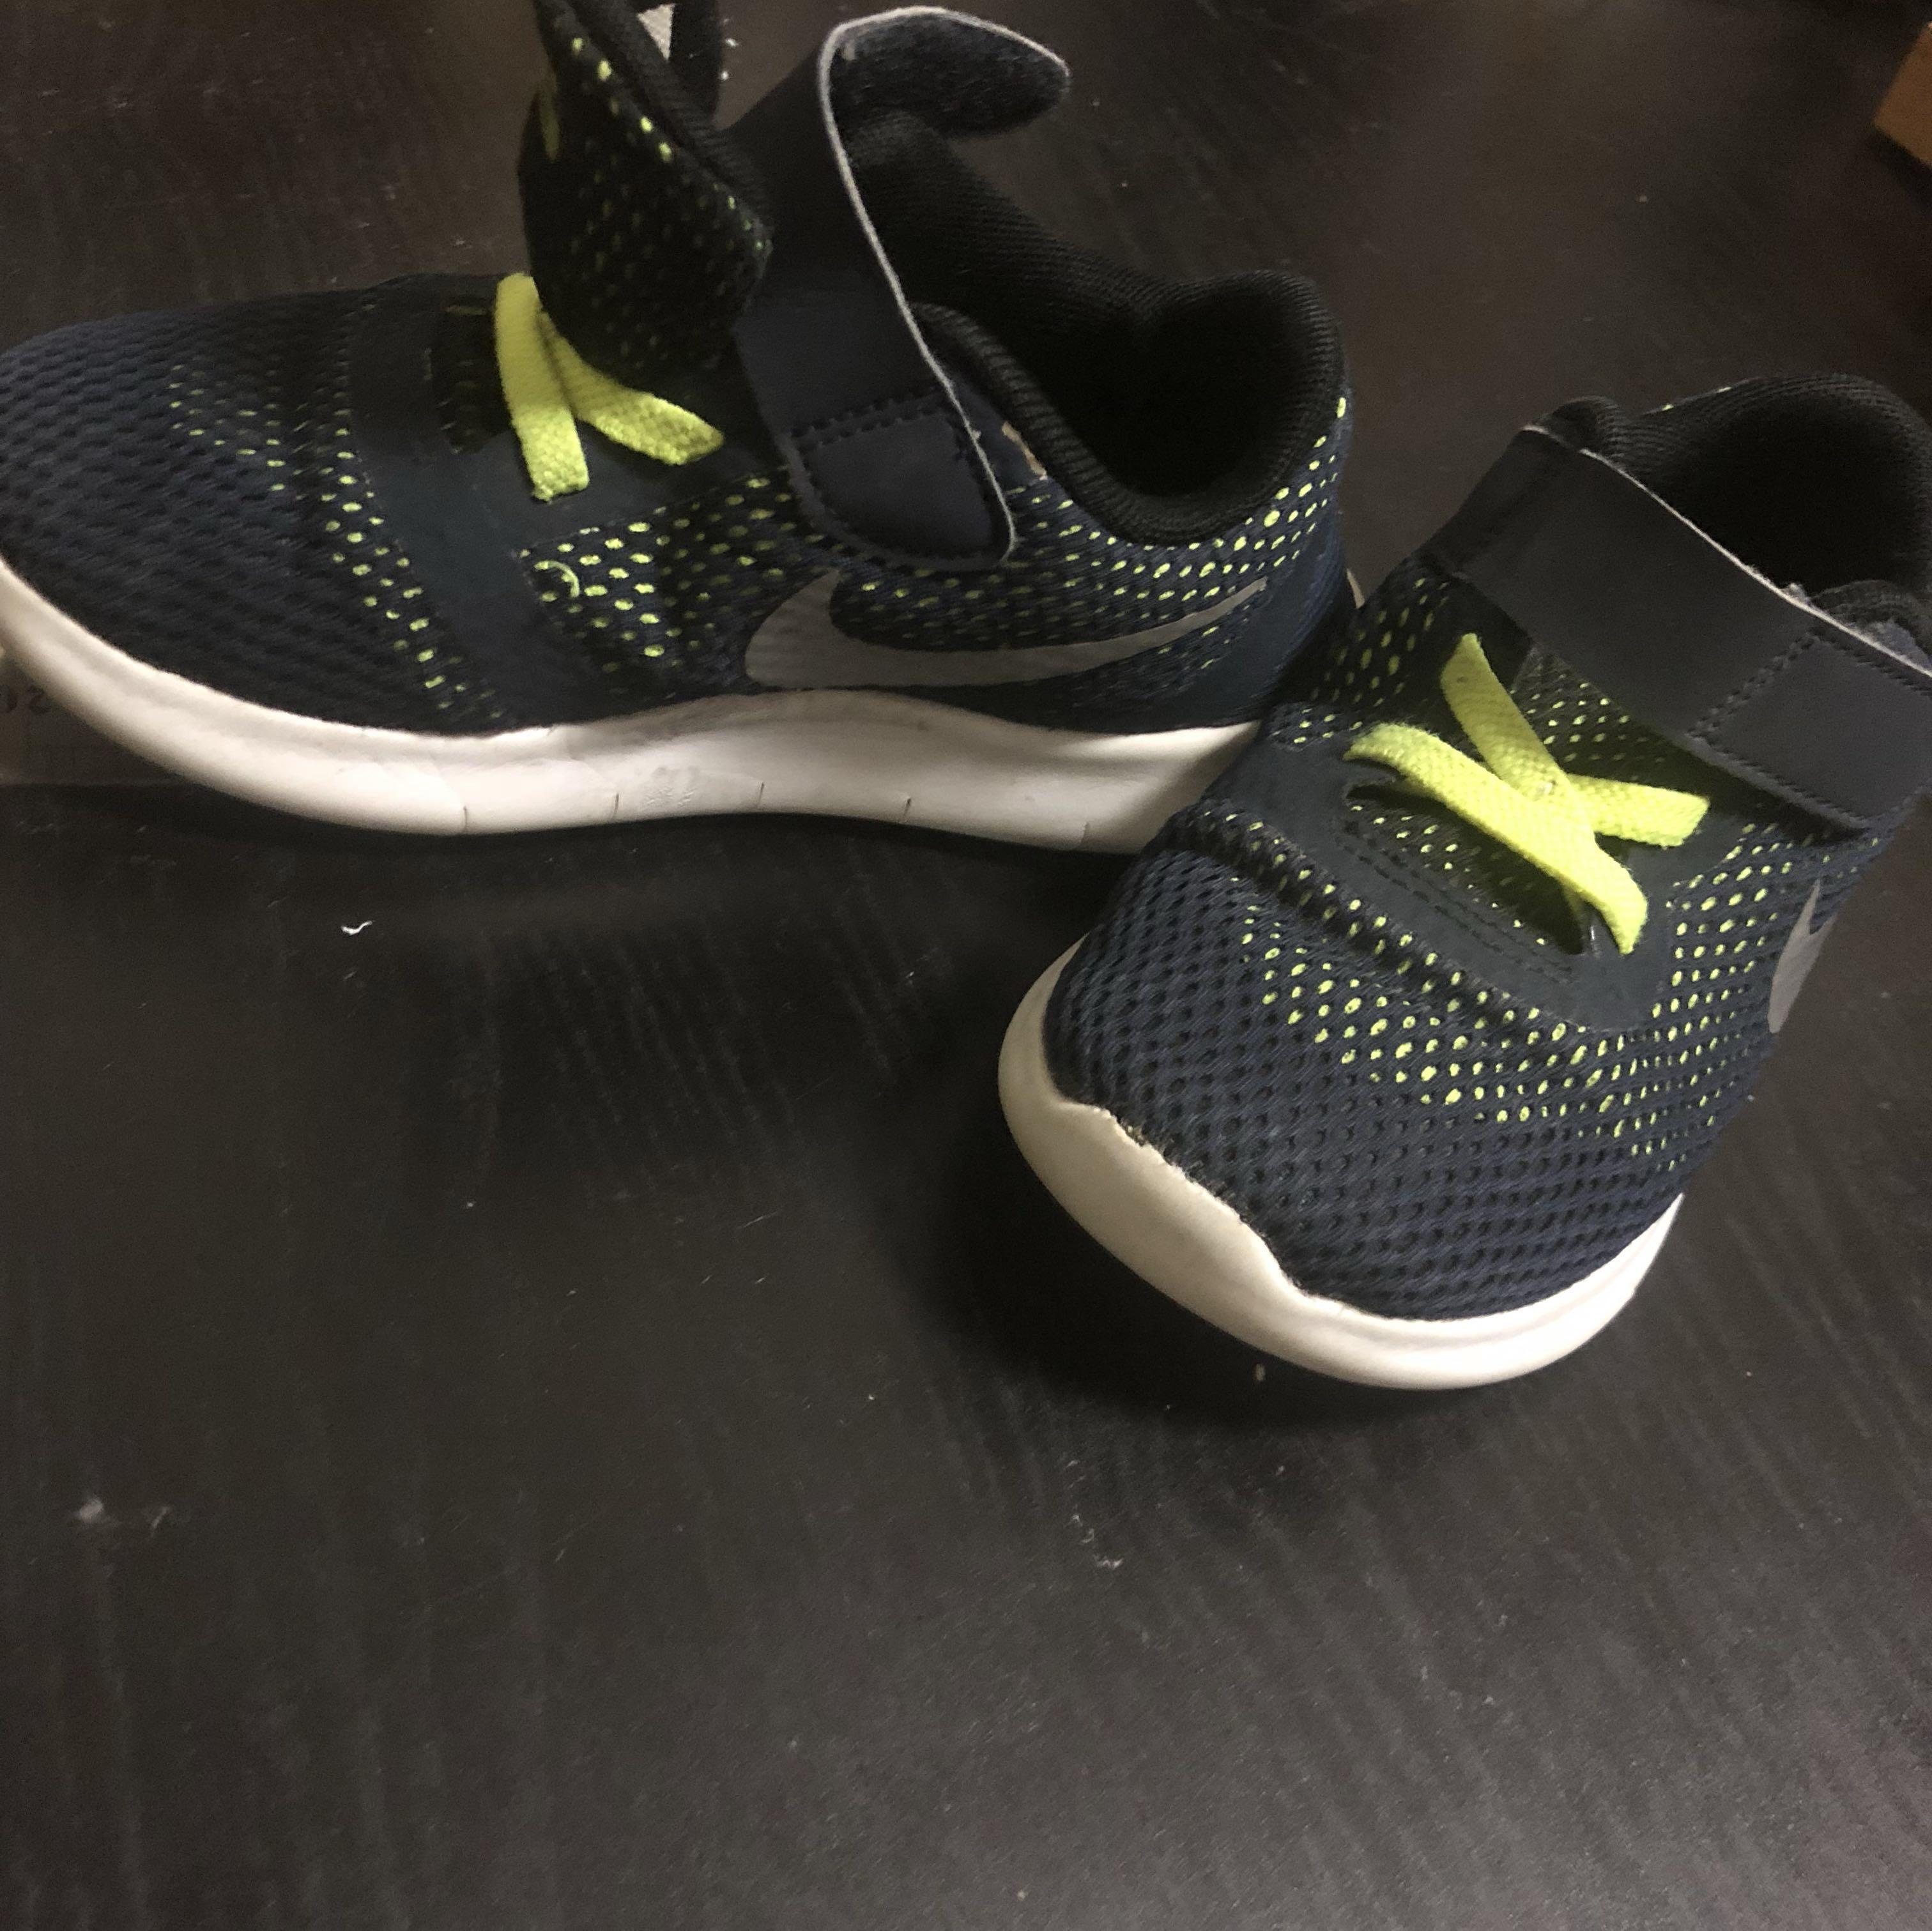 5c0f27e4dea Nike Boys Toddler Infant Runners 16cm